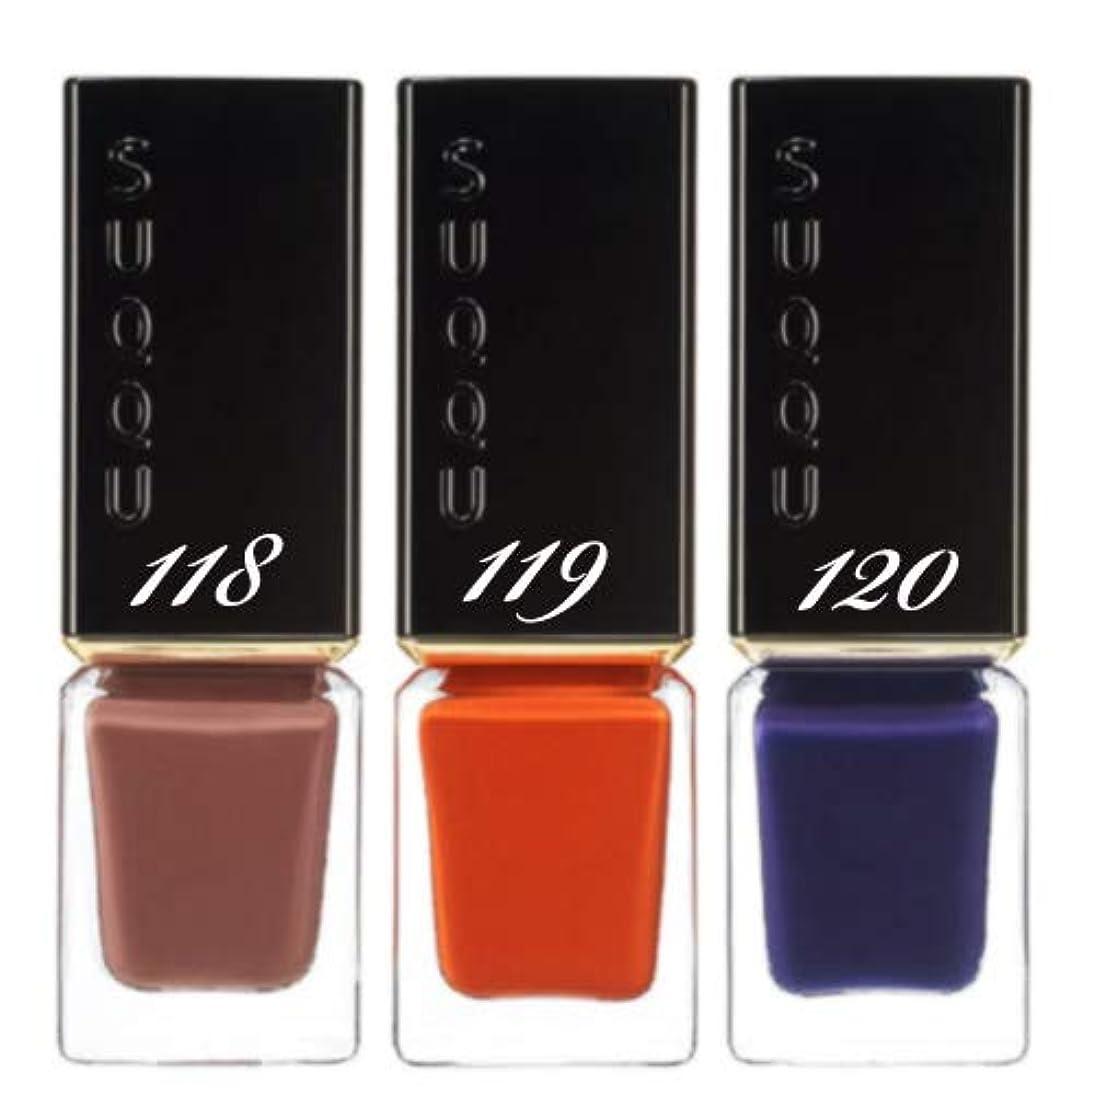 SUQQU(スック) ネイル カラー ポリッシュ (秋冬限定色) 7.5m (118 鈍砂)